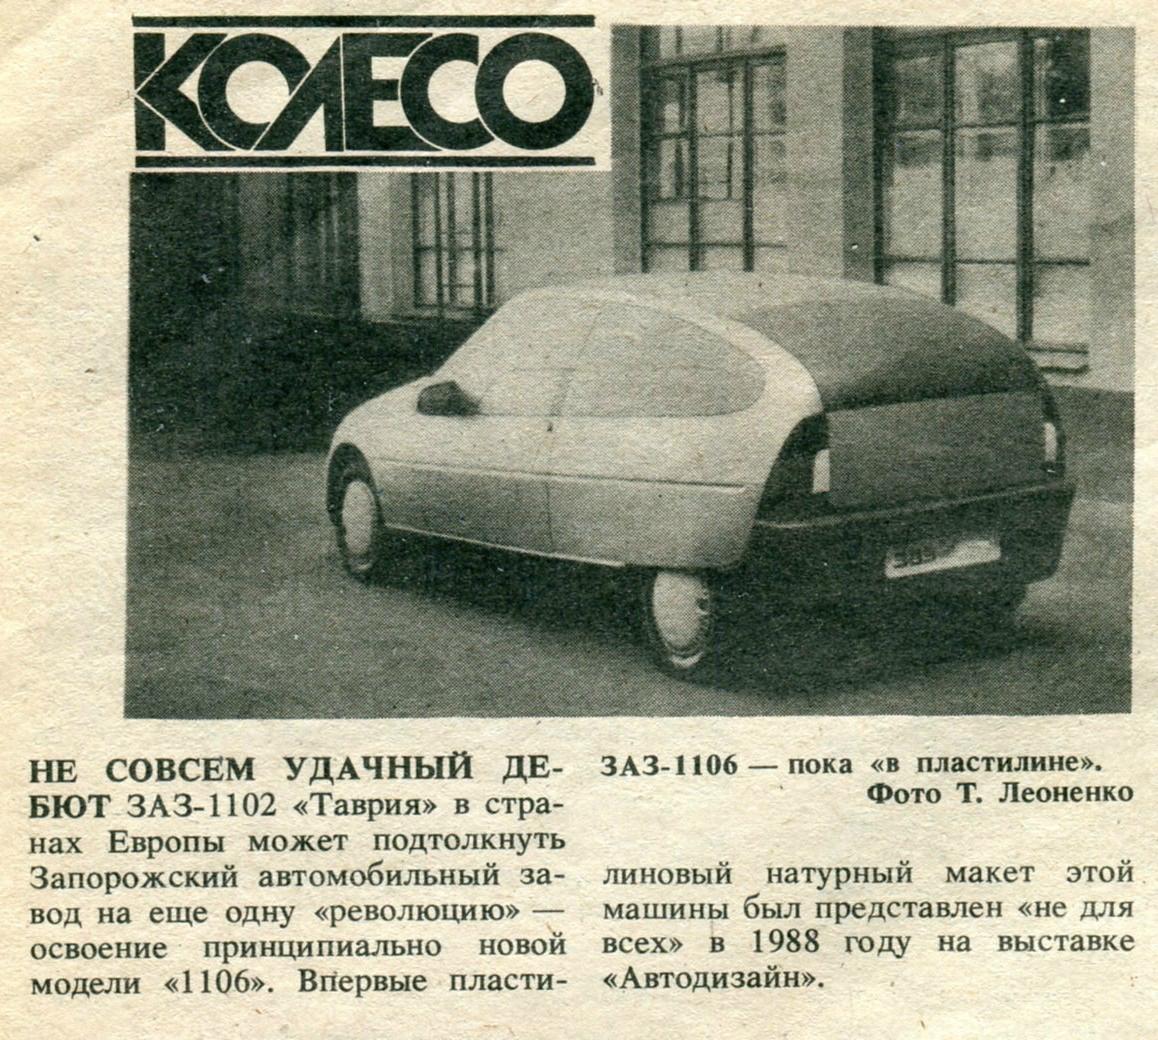 """Прототипы автомобилей СССР - ЗАЗ-1106, заметка в журнале """"За рулем""""."""